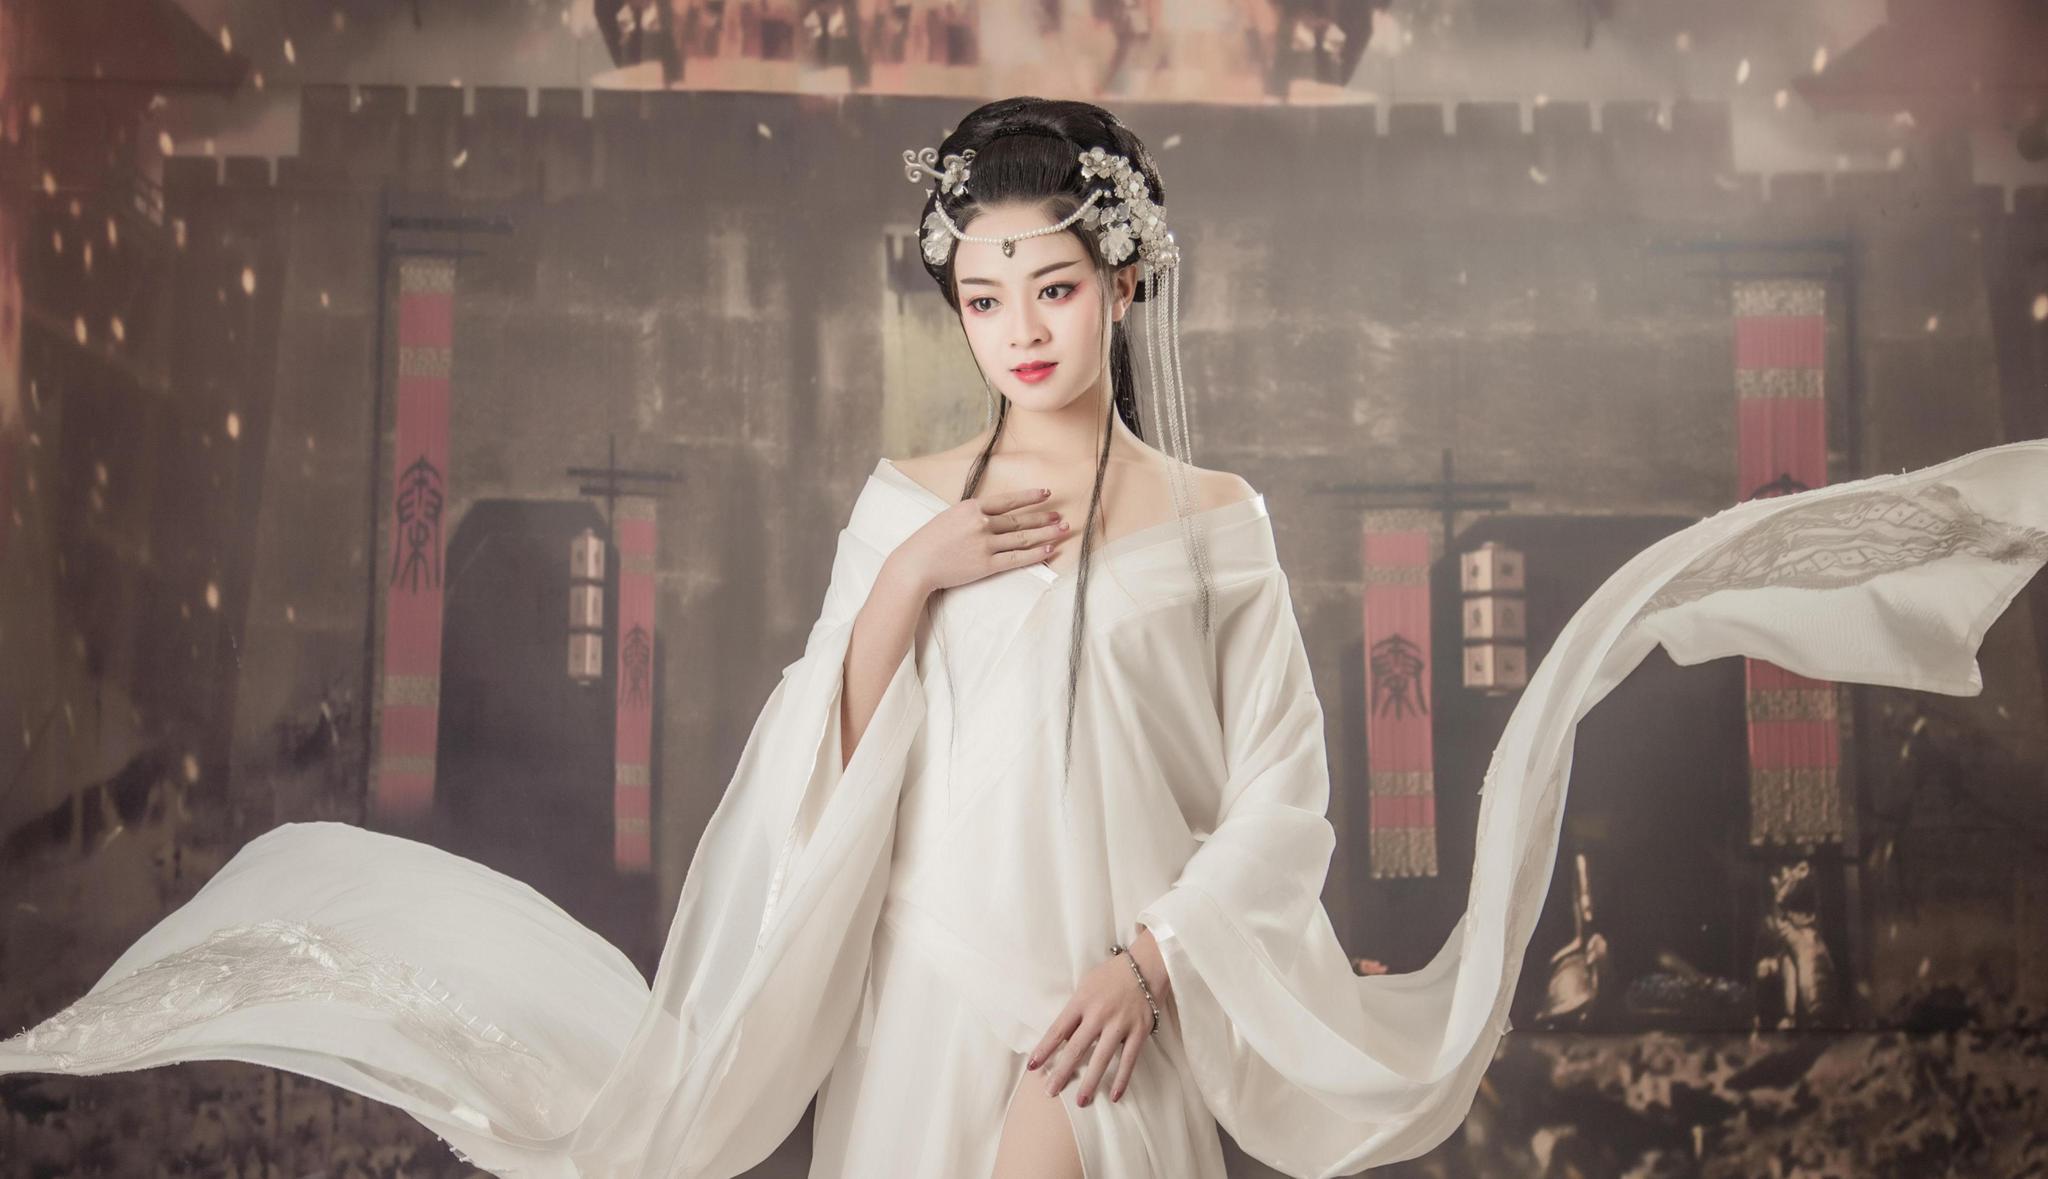 历史解密:宋徽宗和李师师密会始末,到一代名妓大义赴死